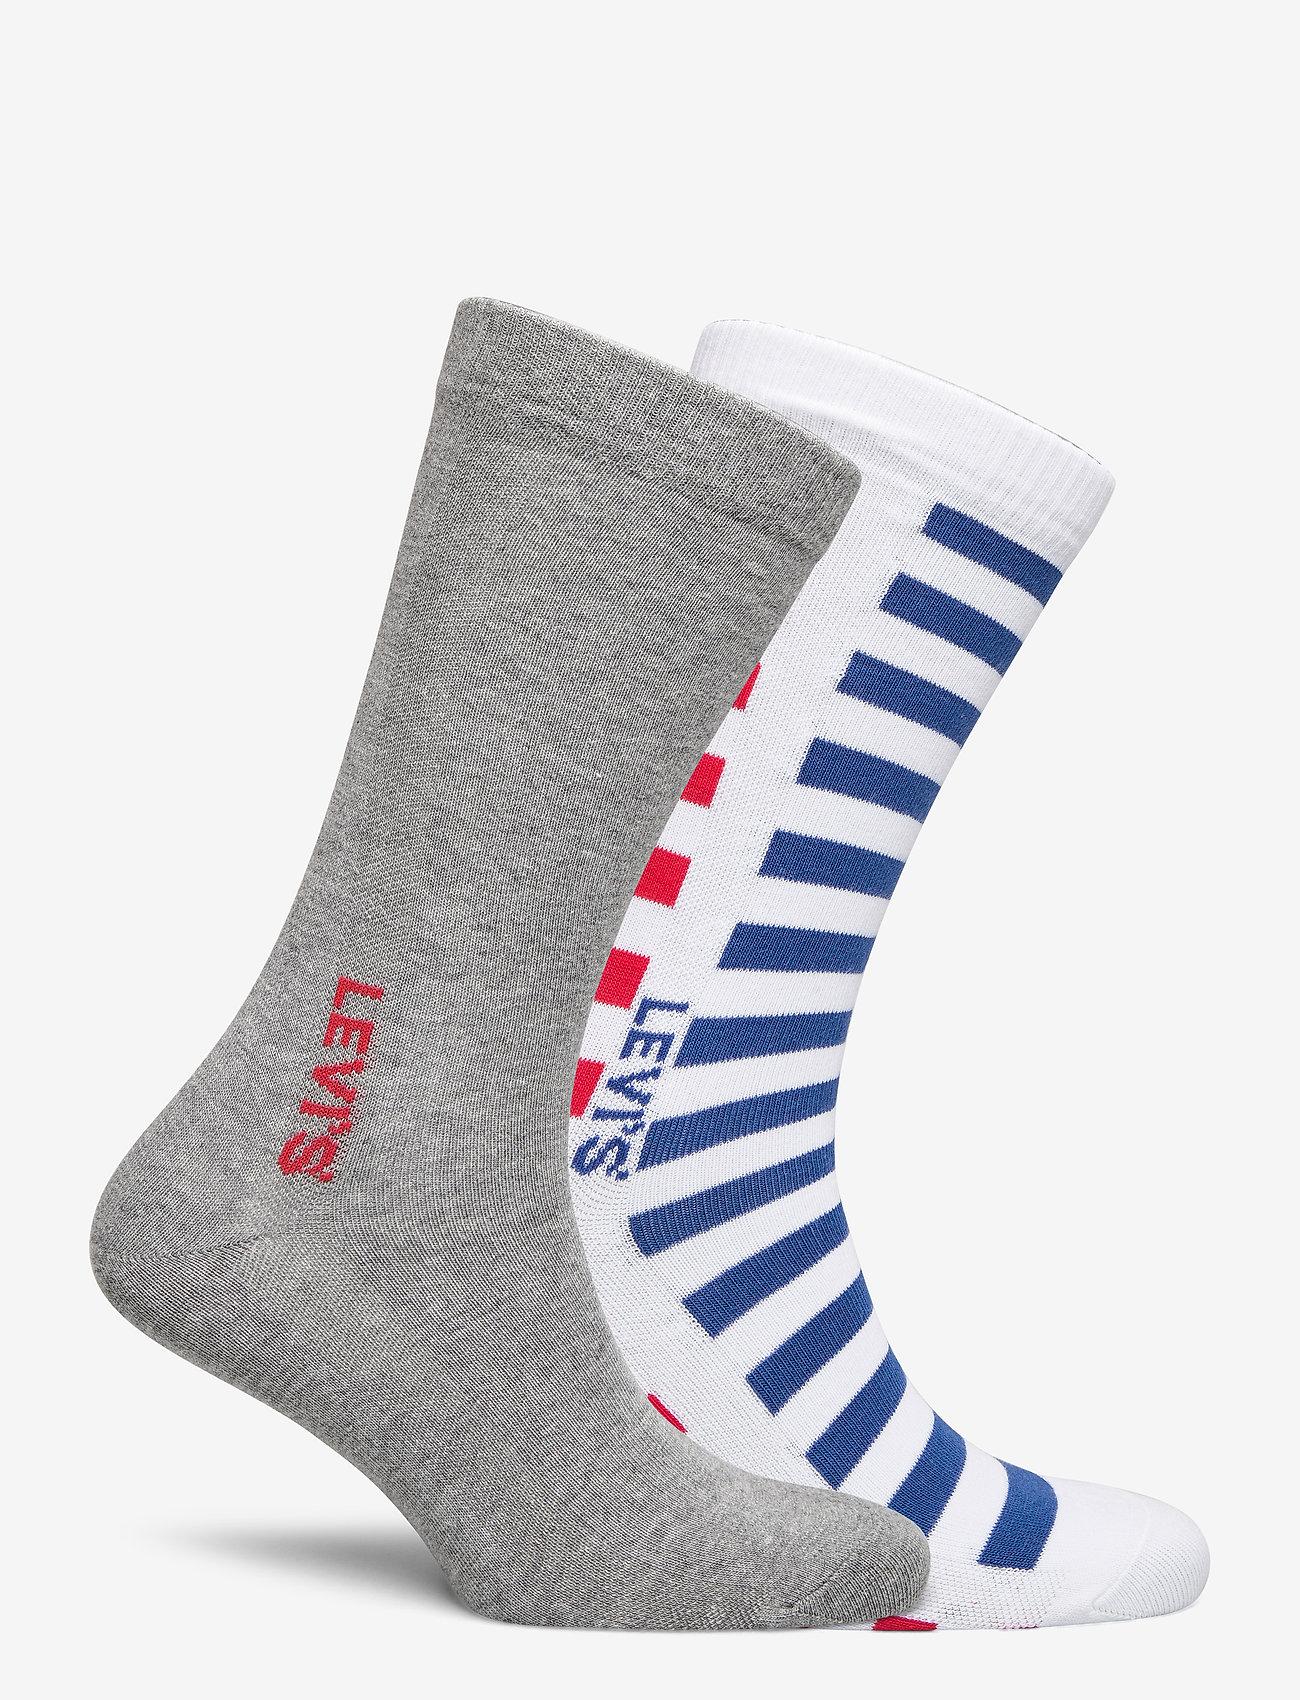 Levi´s LEVIS MEN REGULAR CUT SPLICED STRIP - Sokker WHITE / BLUE / RED - Menn Klær